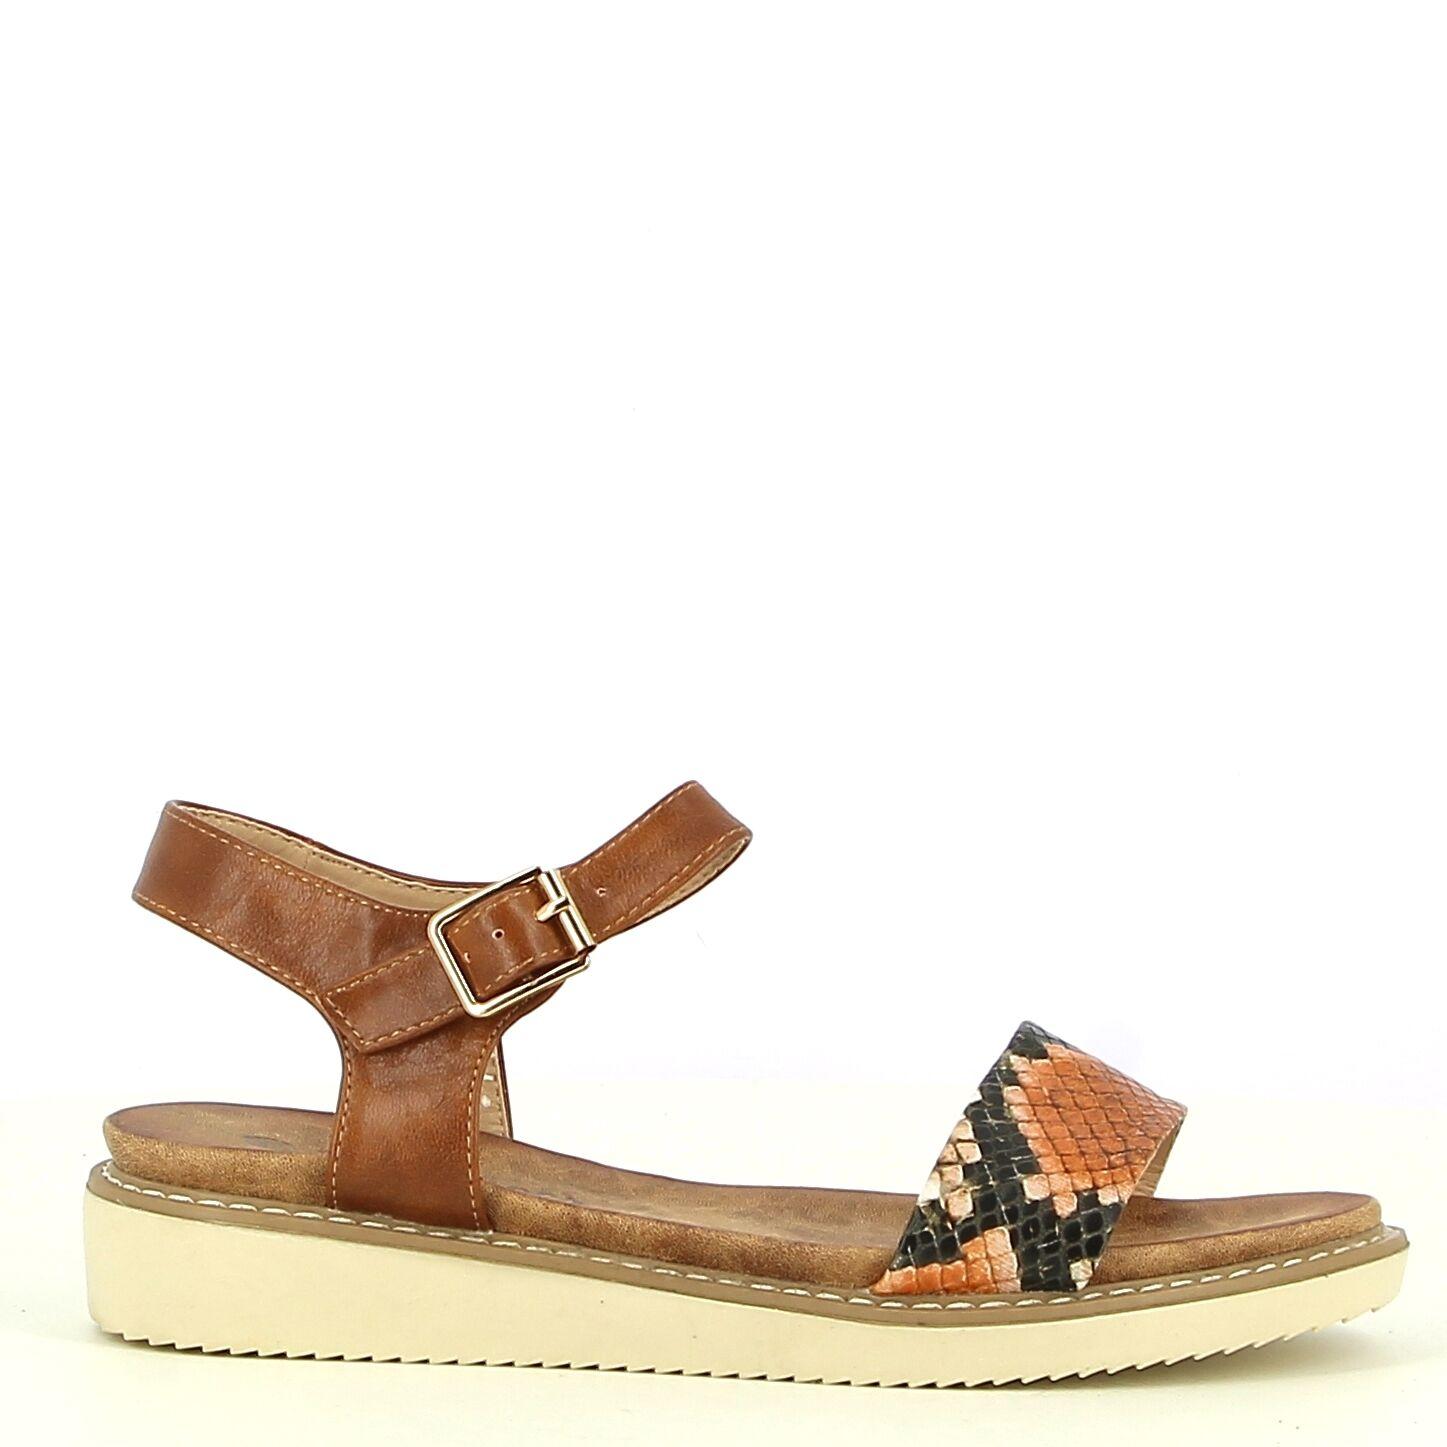 Ken Shoe Fashion - Camel/Multi  - Sandalen